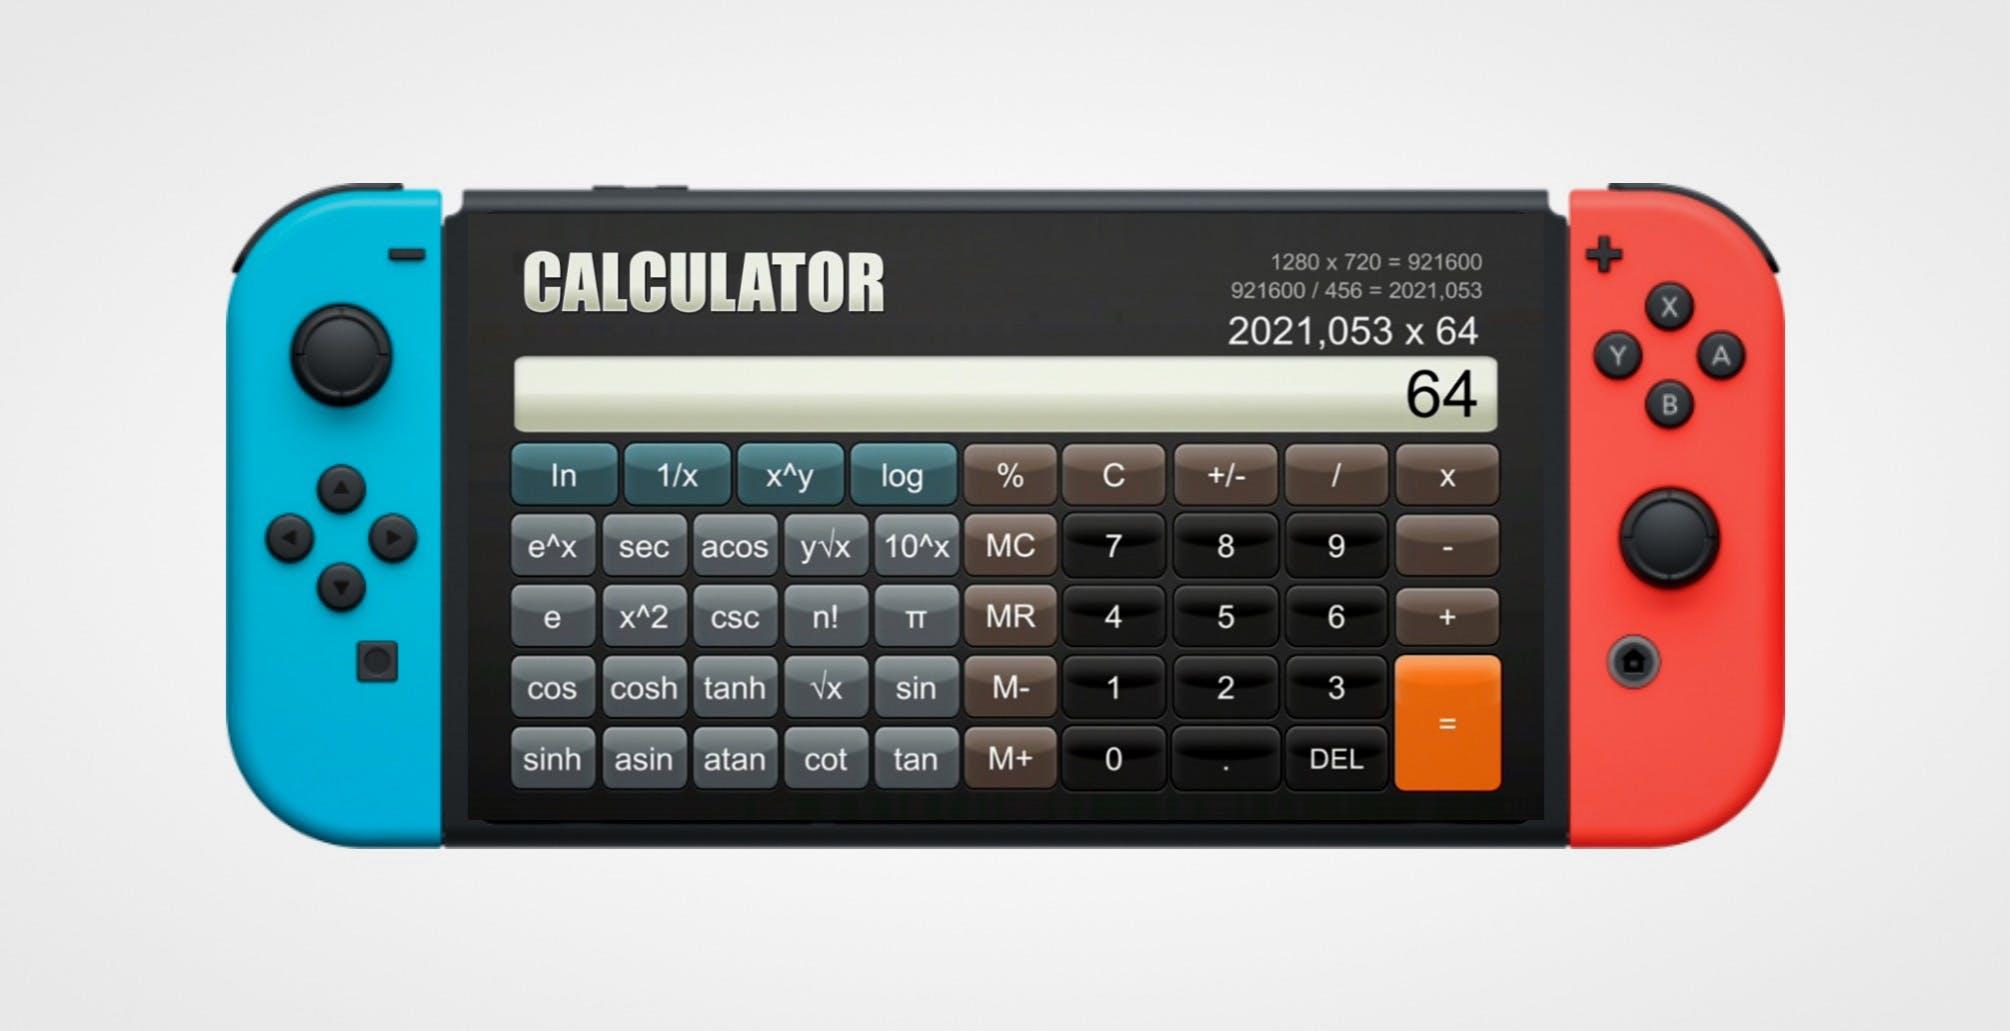 Su Nintendo Switch si può scaricare una calcolatrice scientifica e costa 9  euro | DDay.it